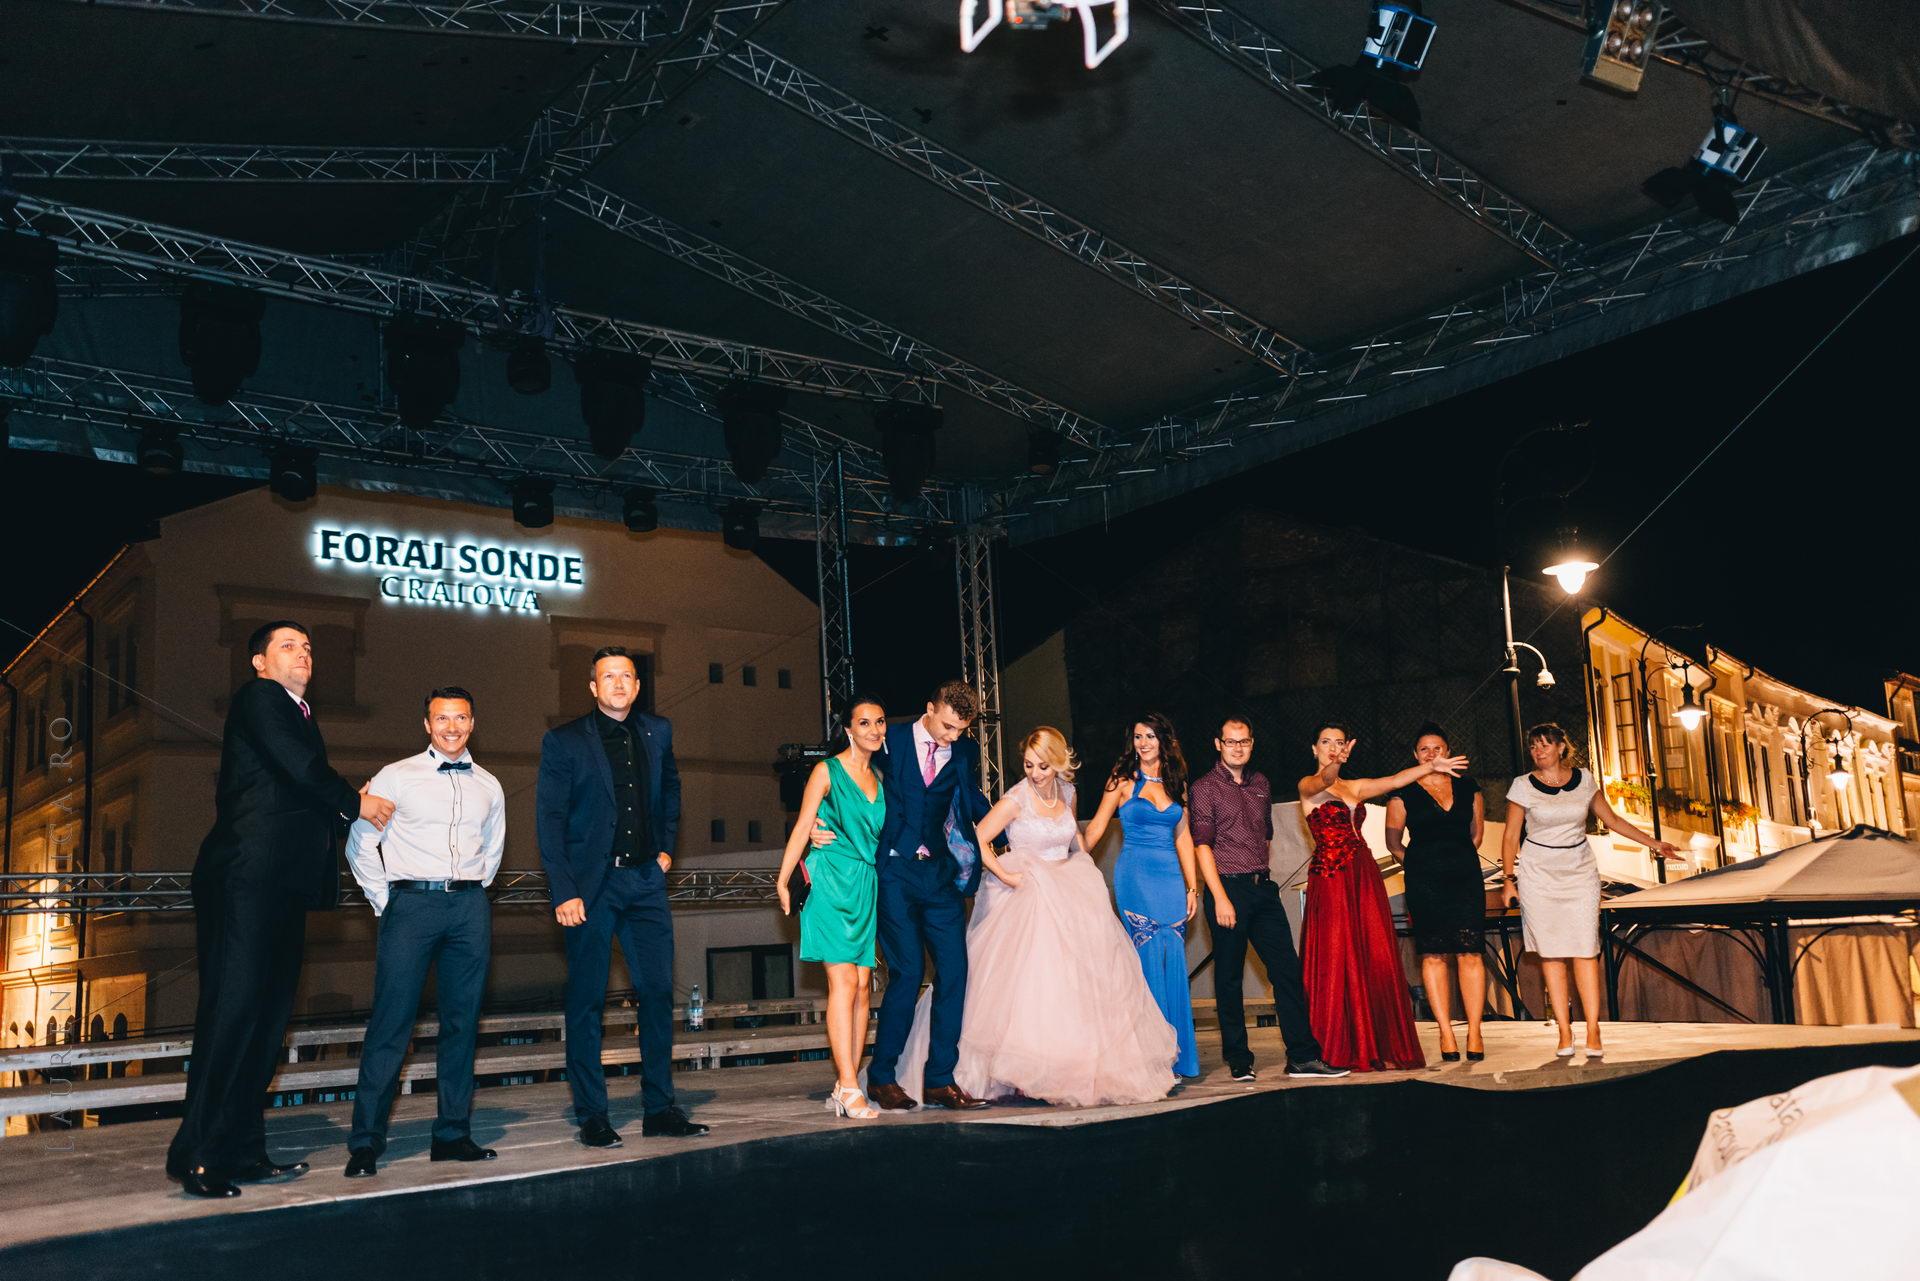 lavinia si adi fotograf laurentiu nica craiova 075 - Lavinia & Adi | Fotografii nunta